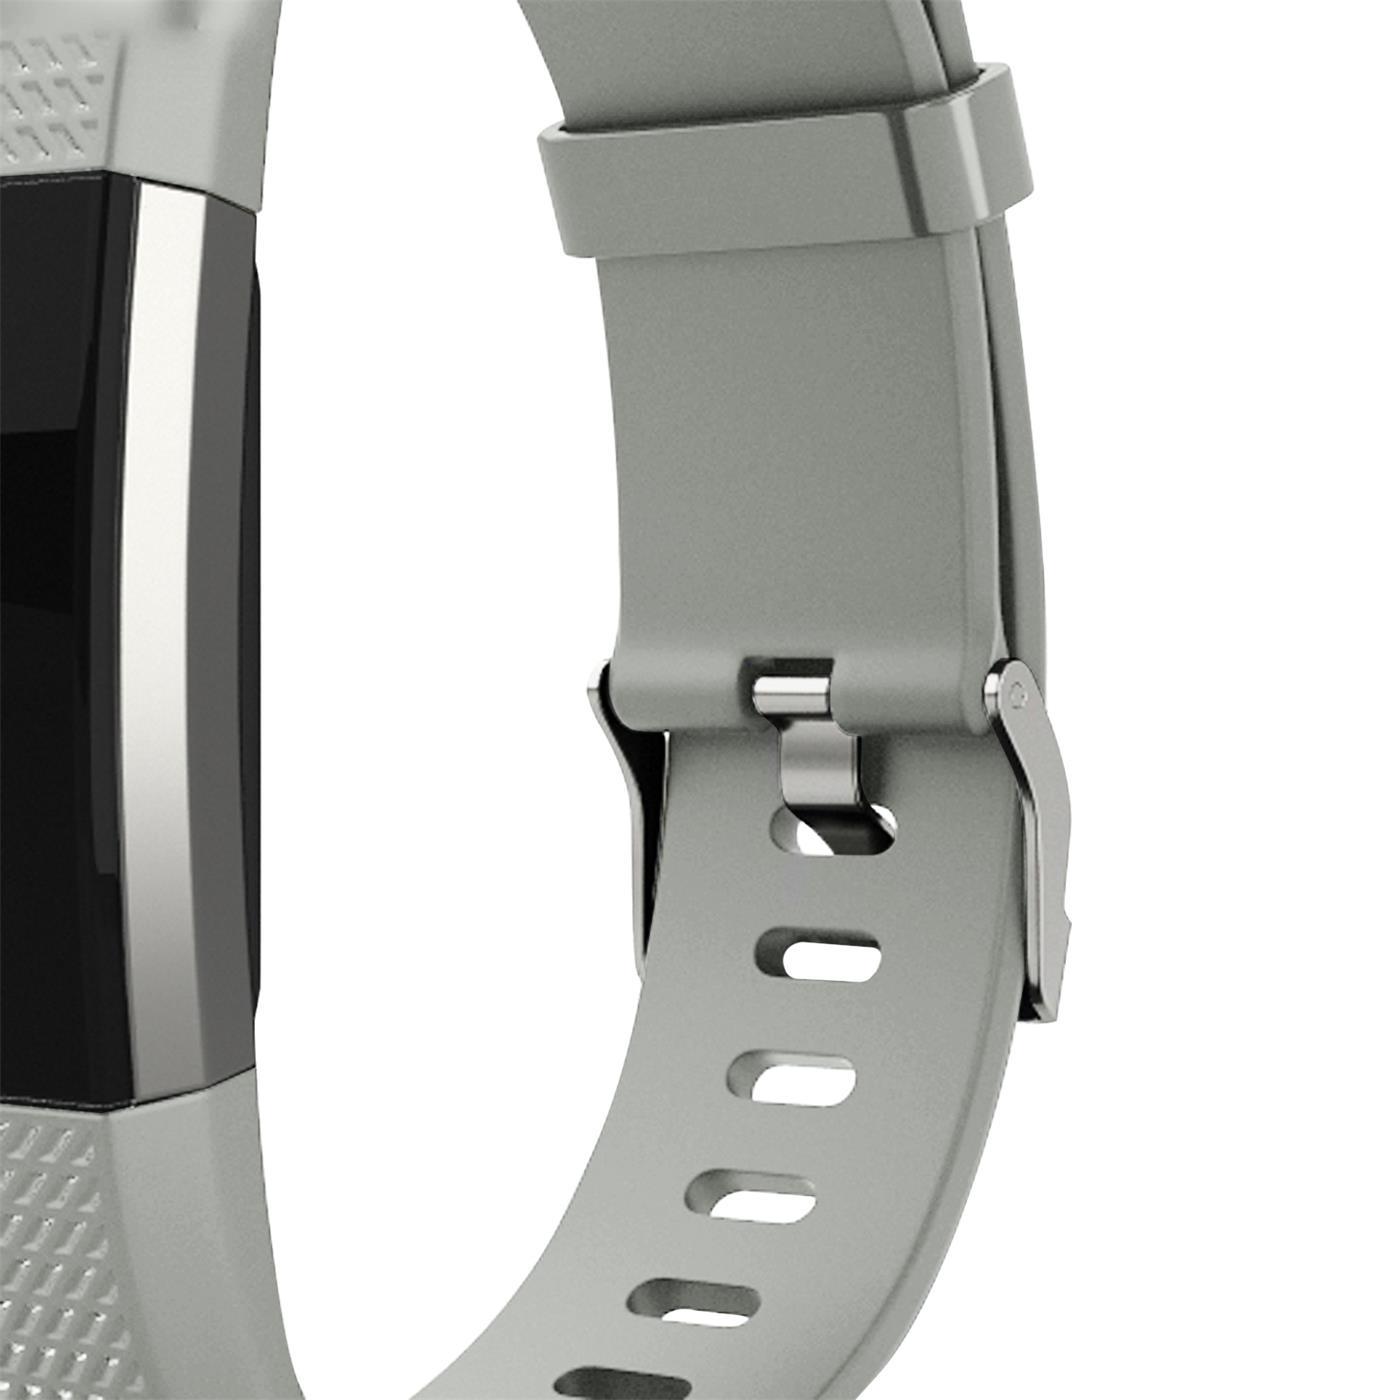 Fitbit-Charge-2-Armband-Ersatz-Silikon-Band-Uhrenarmband-Fitness-6x-Folie